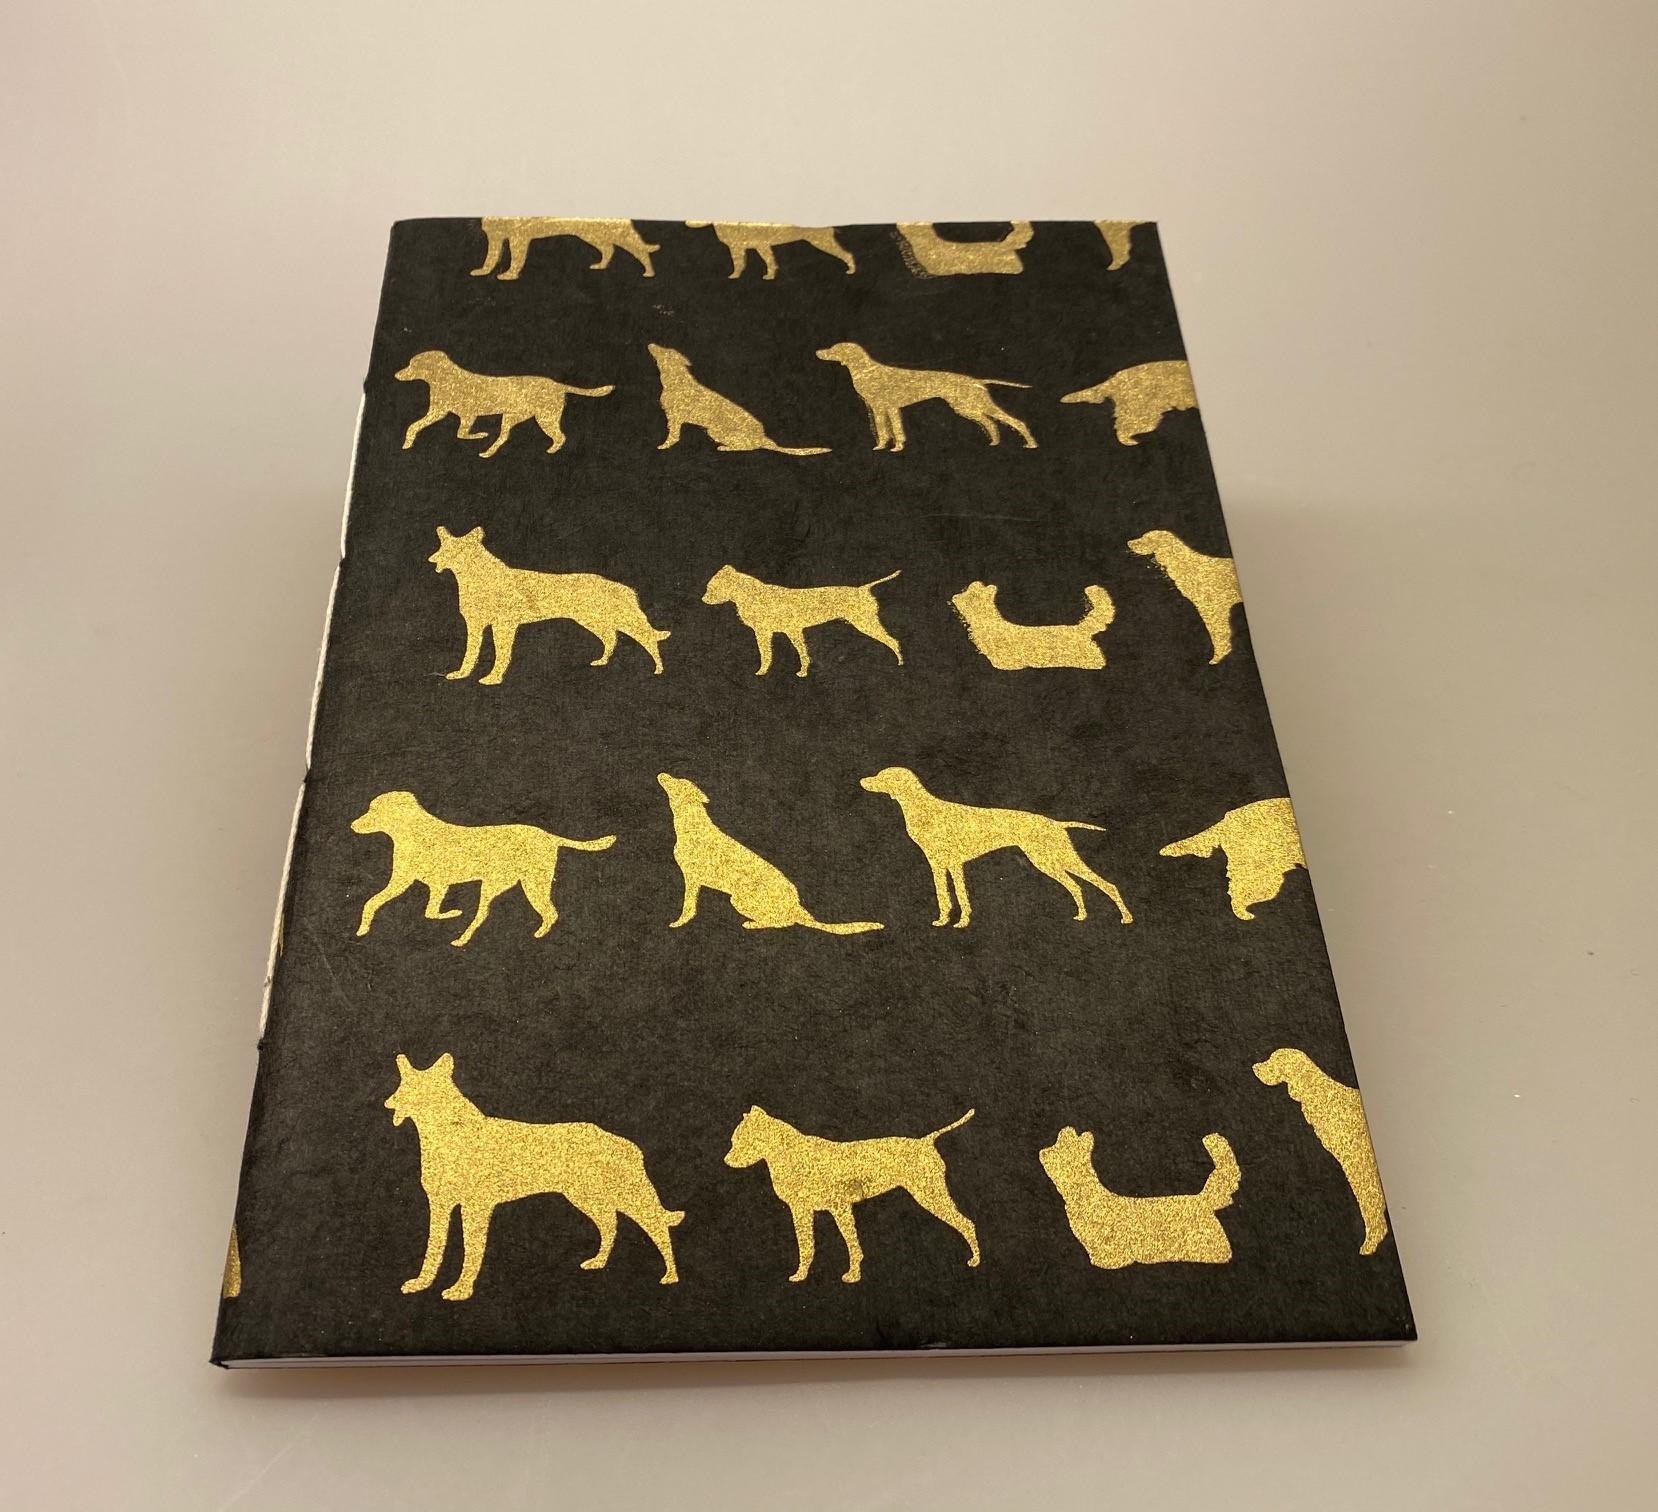 A5 Hæfte håndlavet papir - Sort med gyldne hunde, hunde, hunde ting, ting med hunde, hunde bog, hunde hæfte, notesbog, noteshæfte, tegne hæfte, håndlavet, papir, nepal, notater, hæfte, dagbog, tegninger, hunderacer, hunde ejer, gave, gaveidé, penge gave